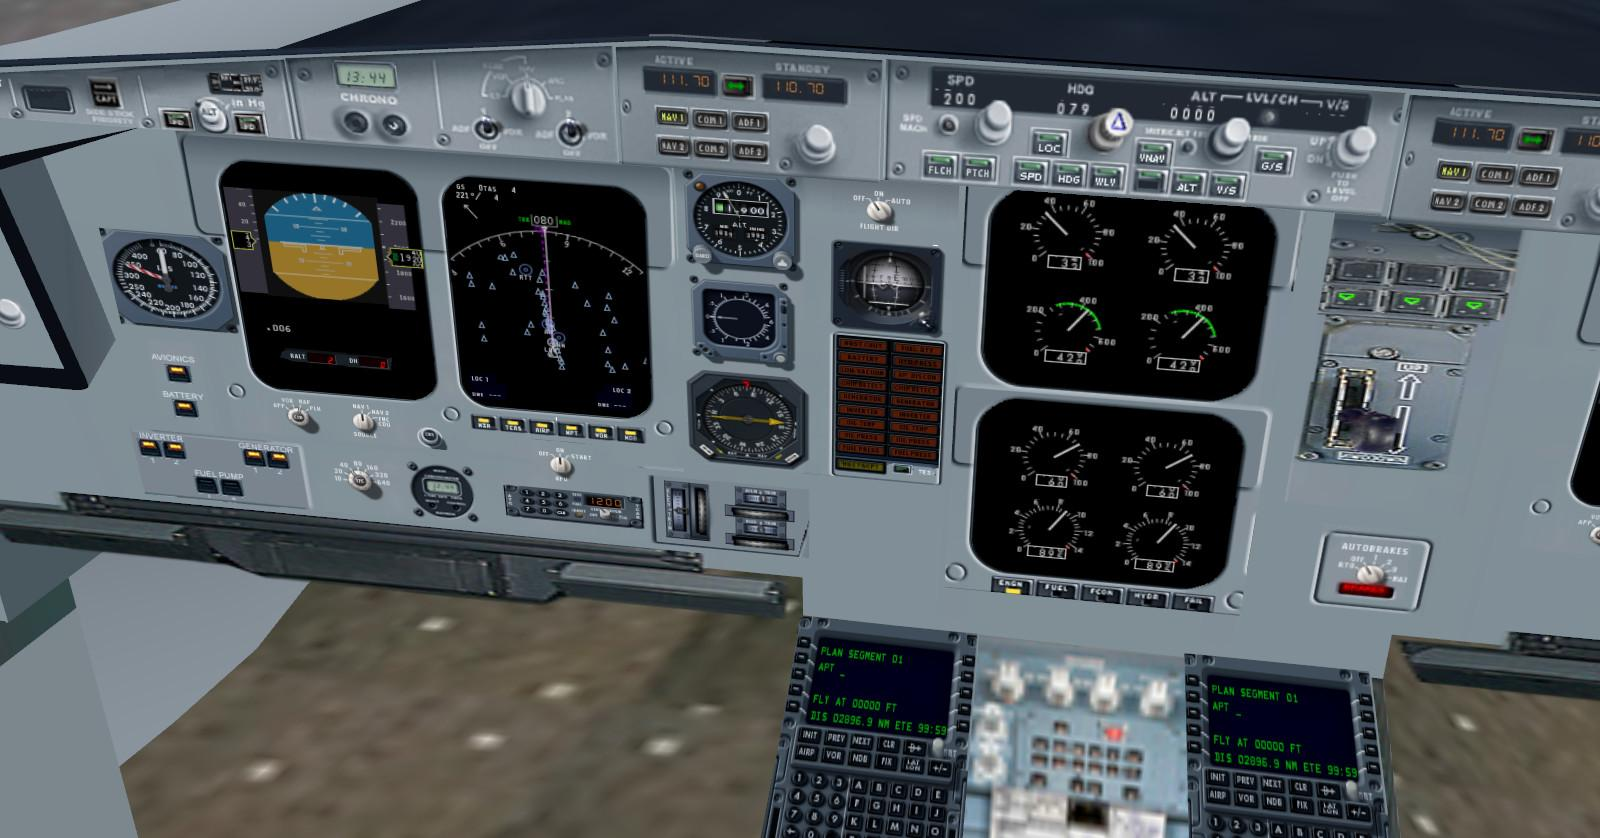 x-plane a320 download